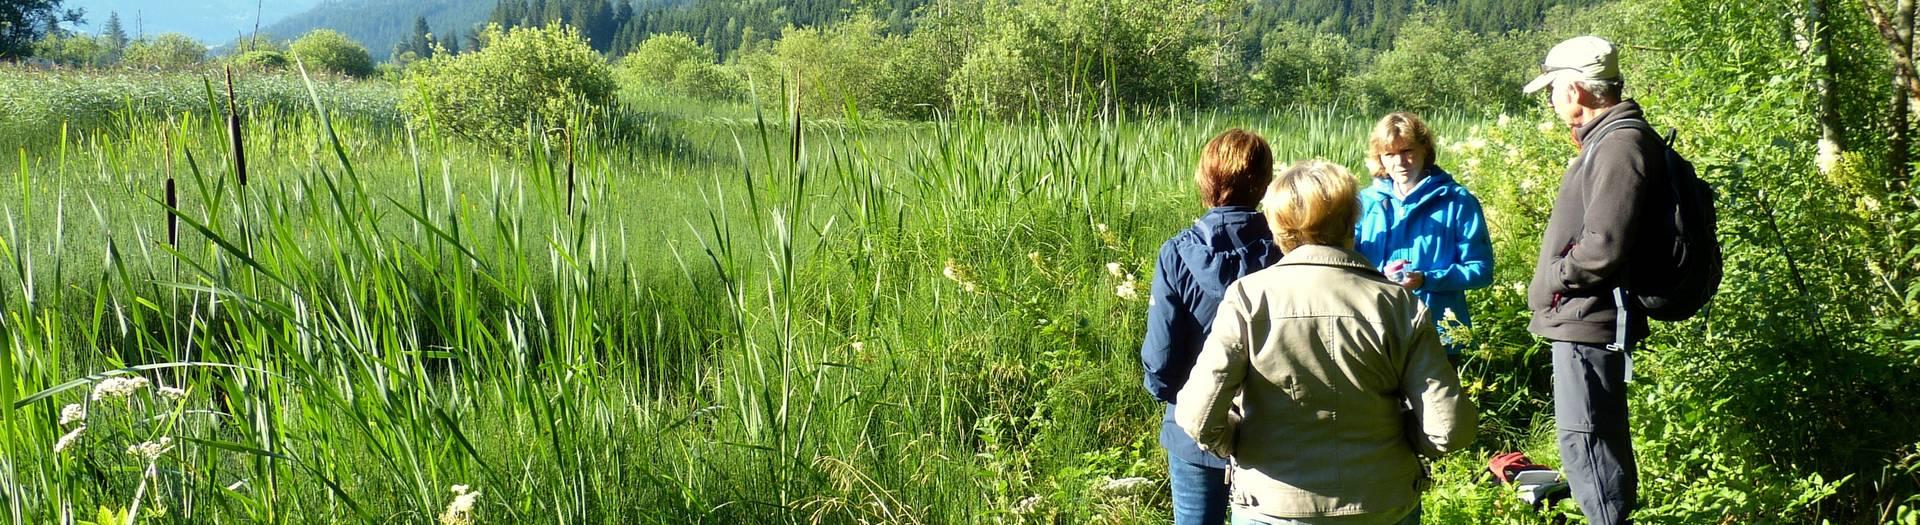 <p>Magische Momente Sommer, Hörfeldmoor Mittelkärnten</p>